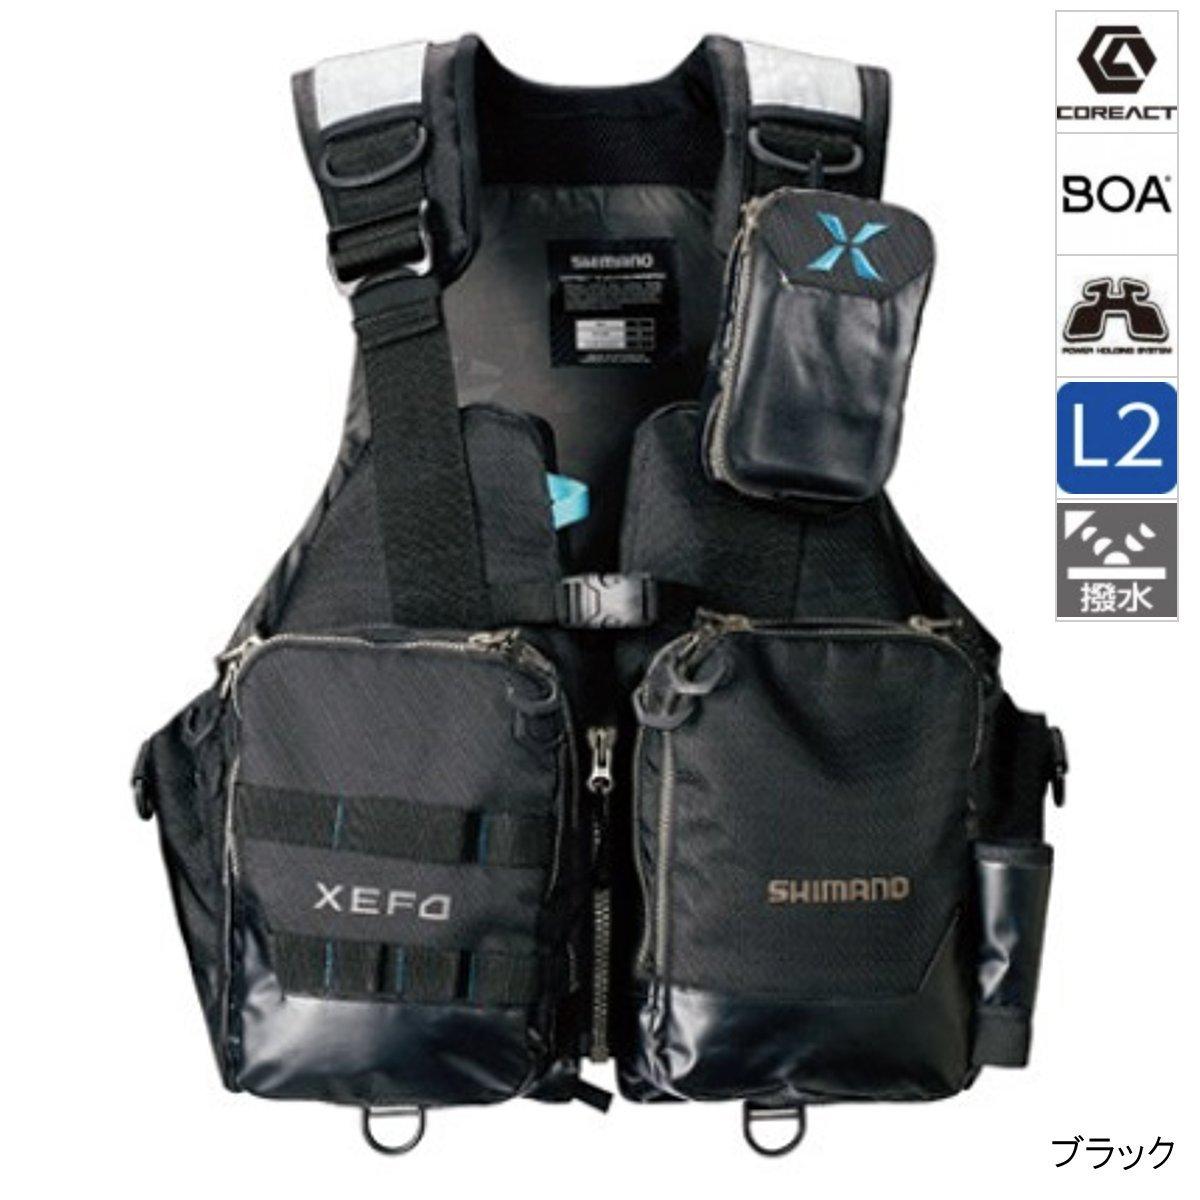 シマノ XEFO・アクトゲームベスト VF-274R M ブラック(東日本店)